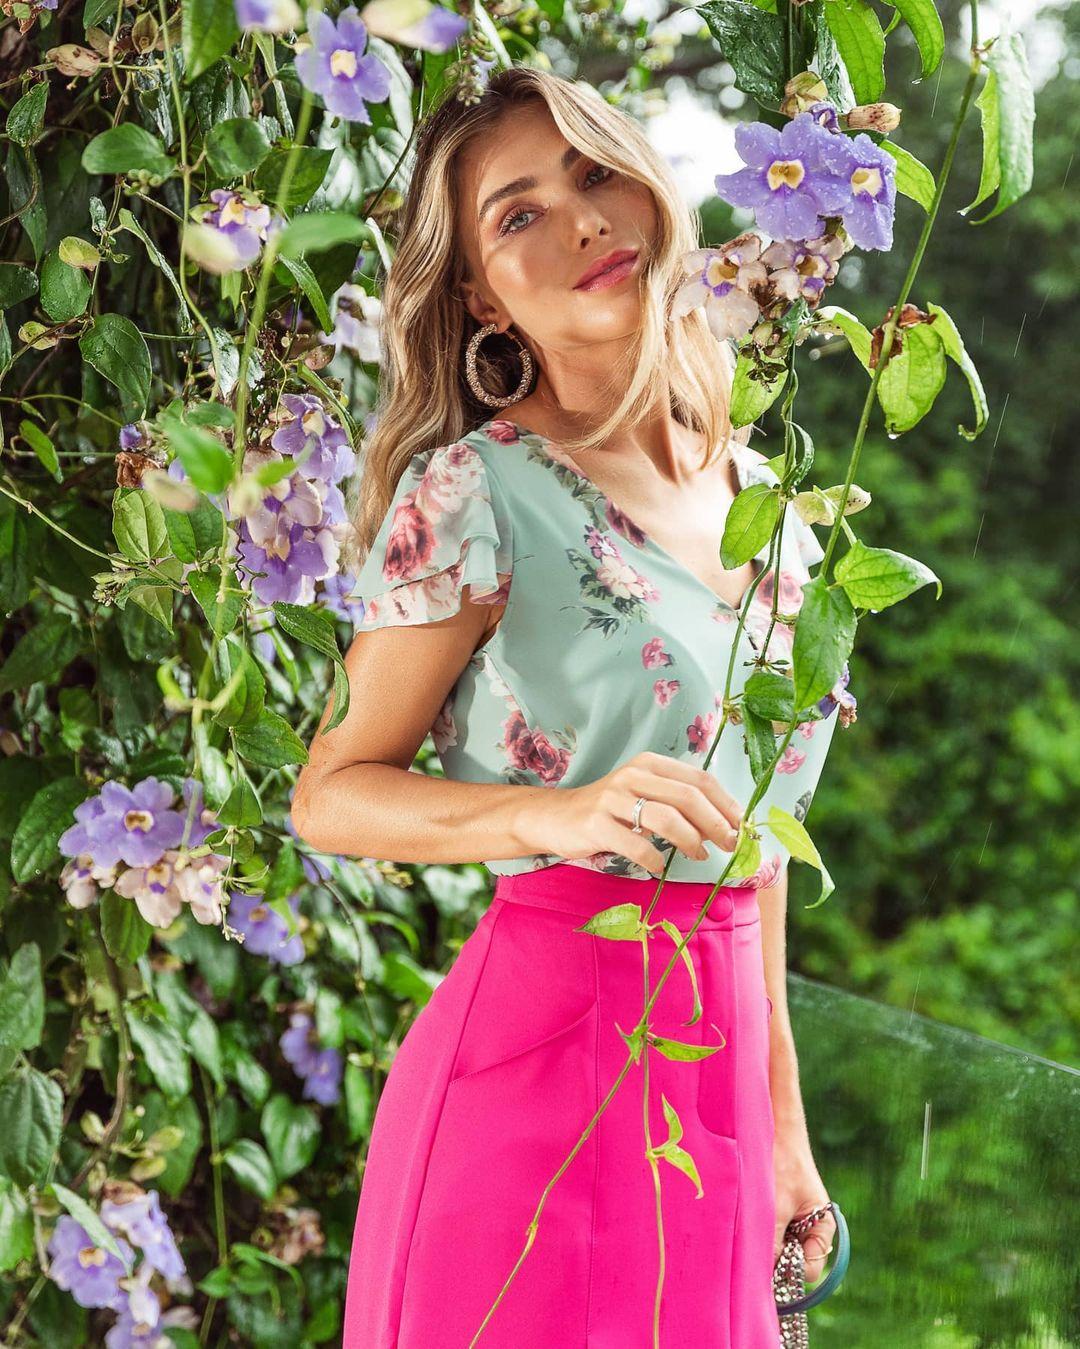 Blusa Chiffon Florido Decote V com Botões Doce Flor